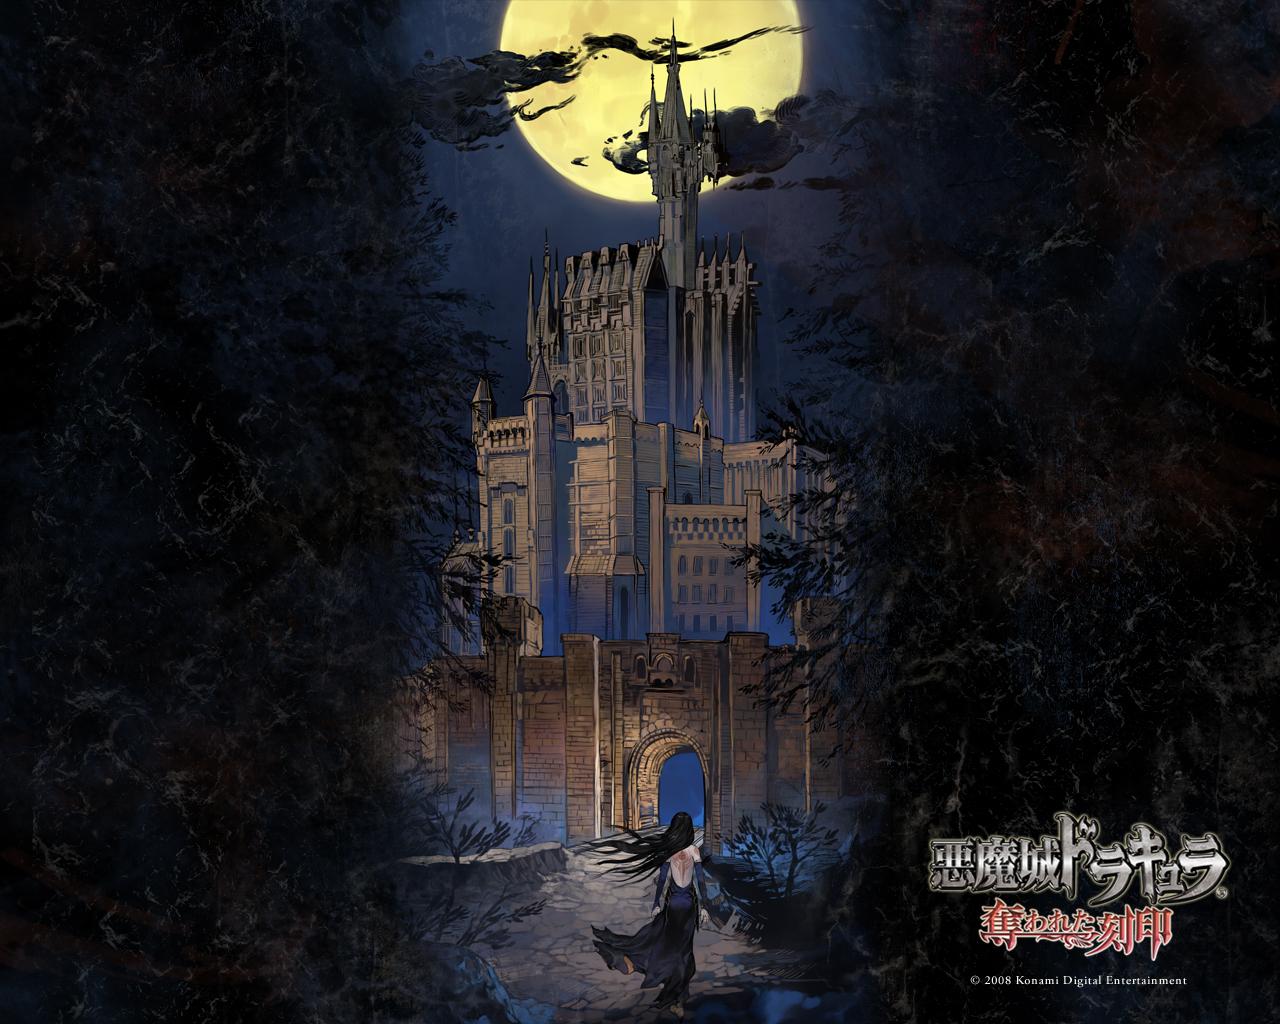 Dracula Castle Wallpaper 1280x1024